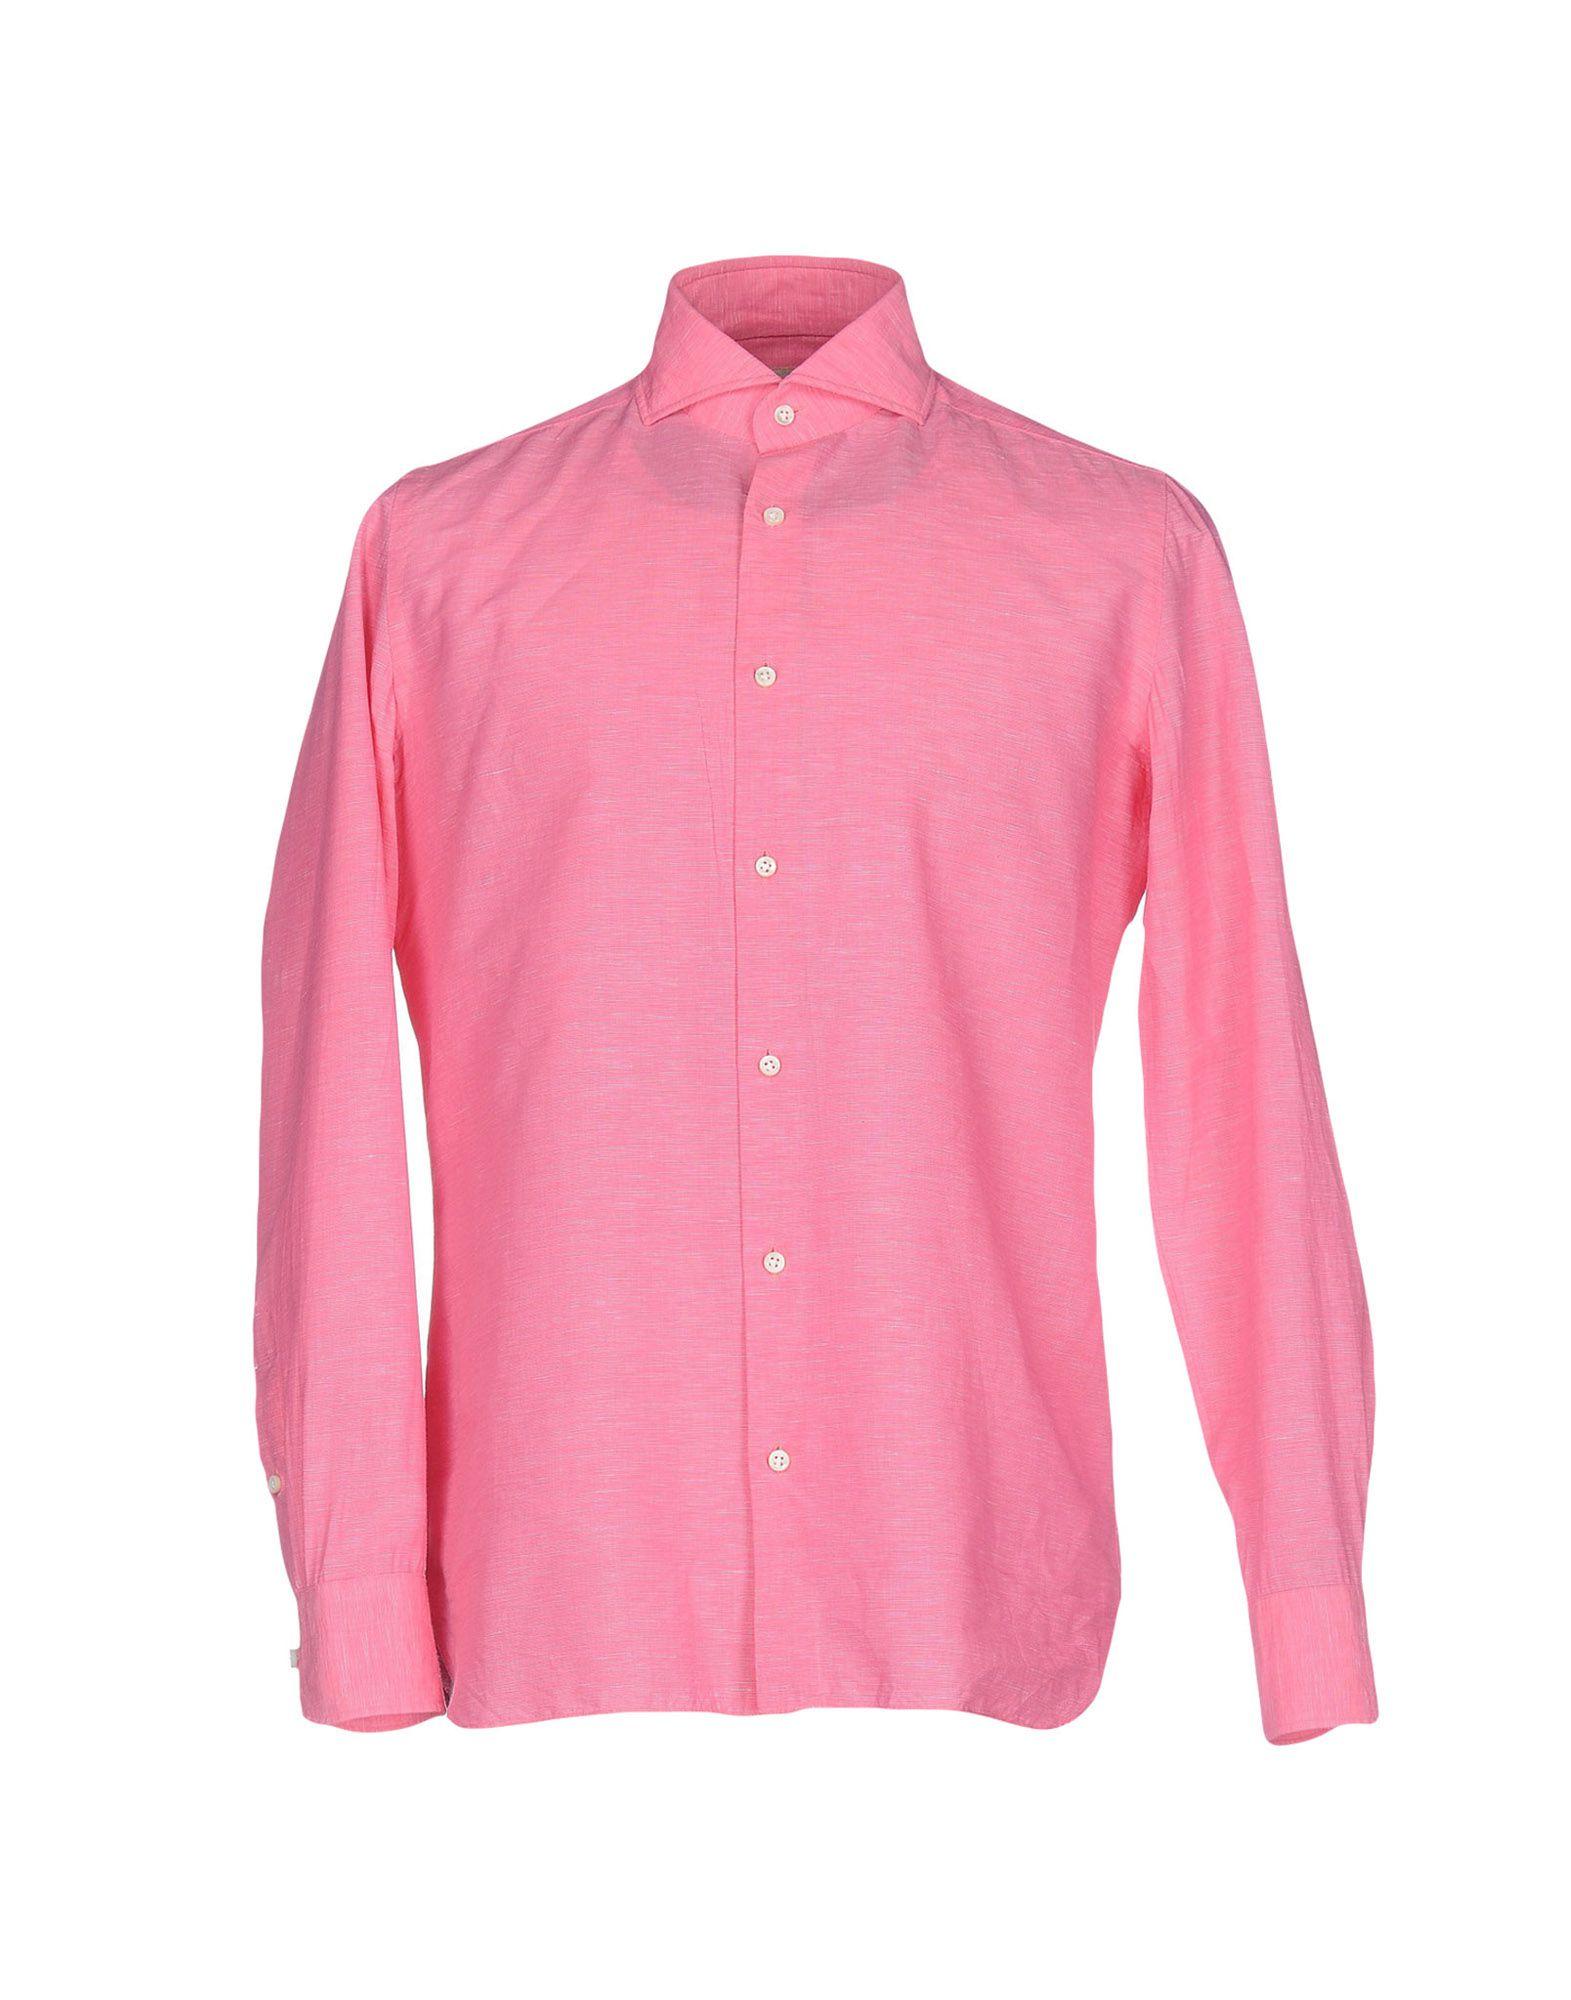 LUIGI BORRELLI NAPOLI Herren Hemd Farbe Fuchsia Größe 4